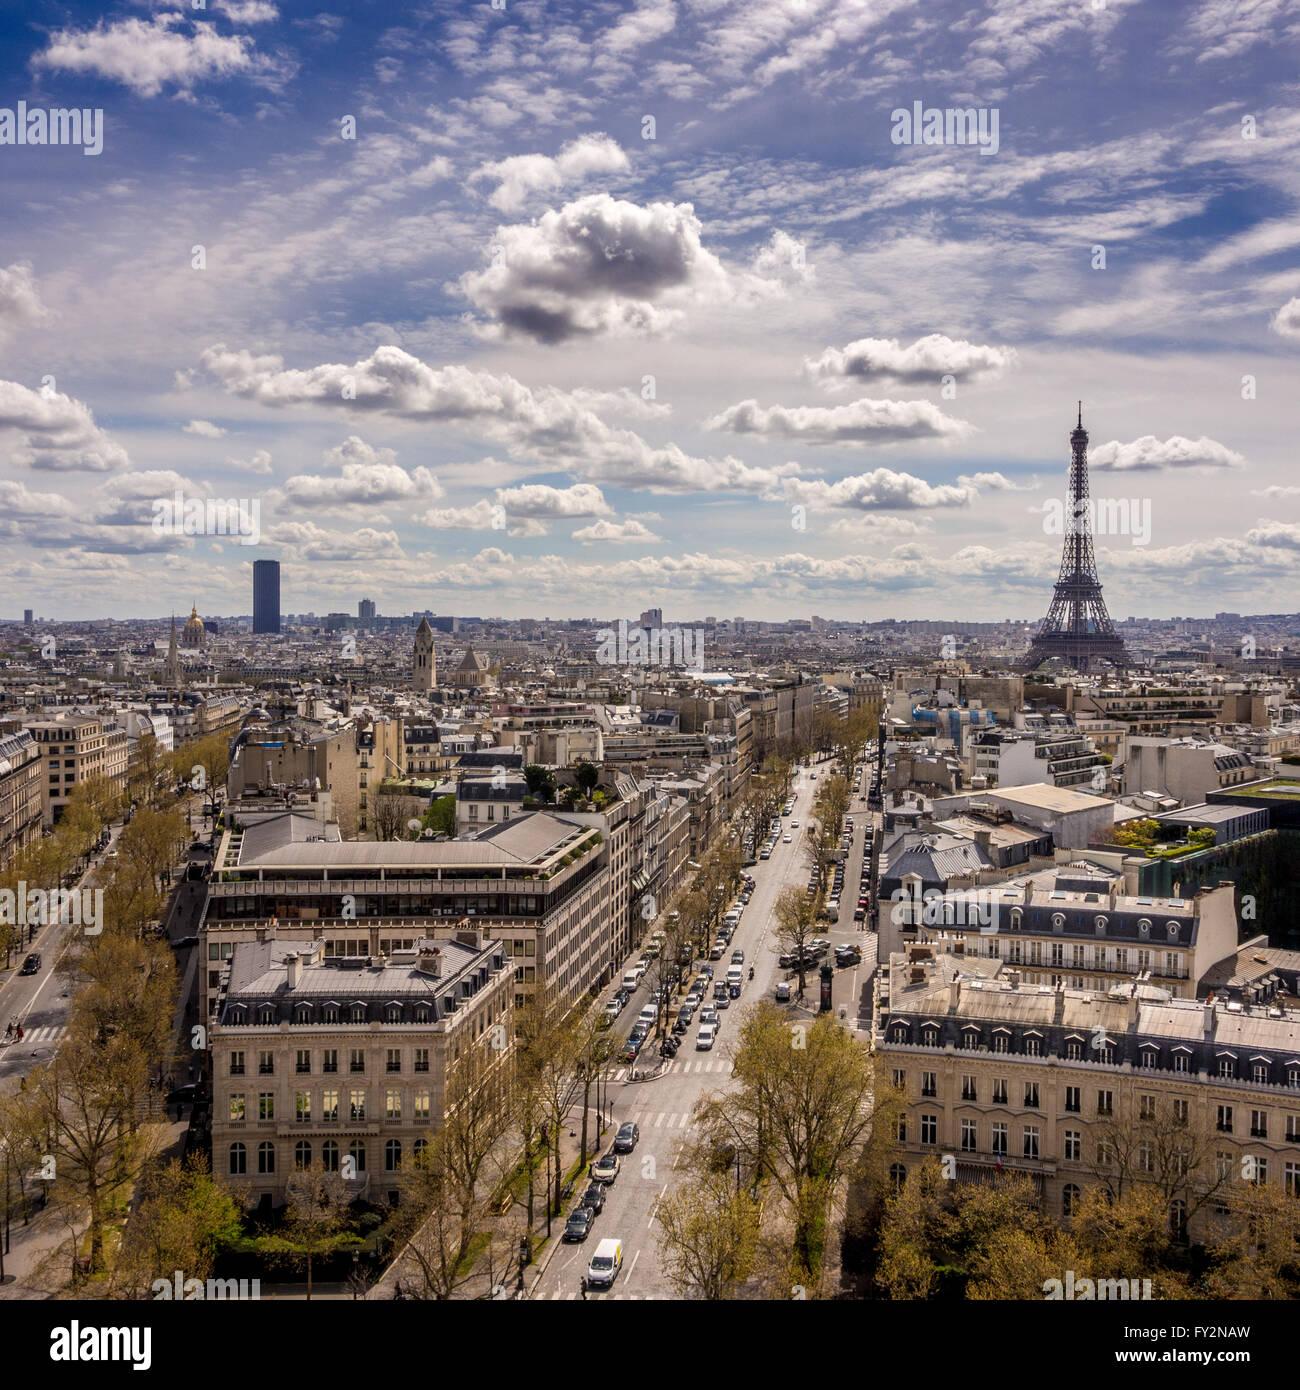 Vue sur la Tour Eiffel et Tour Montparnasse de l'Arc de Triomphe, Paris, France. Photo Stock